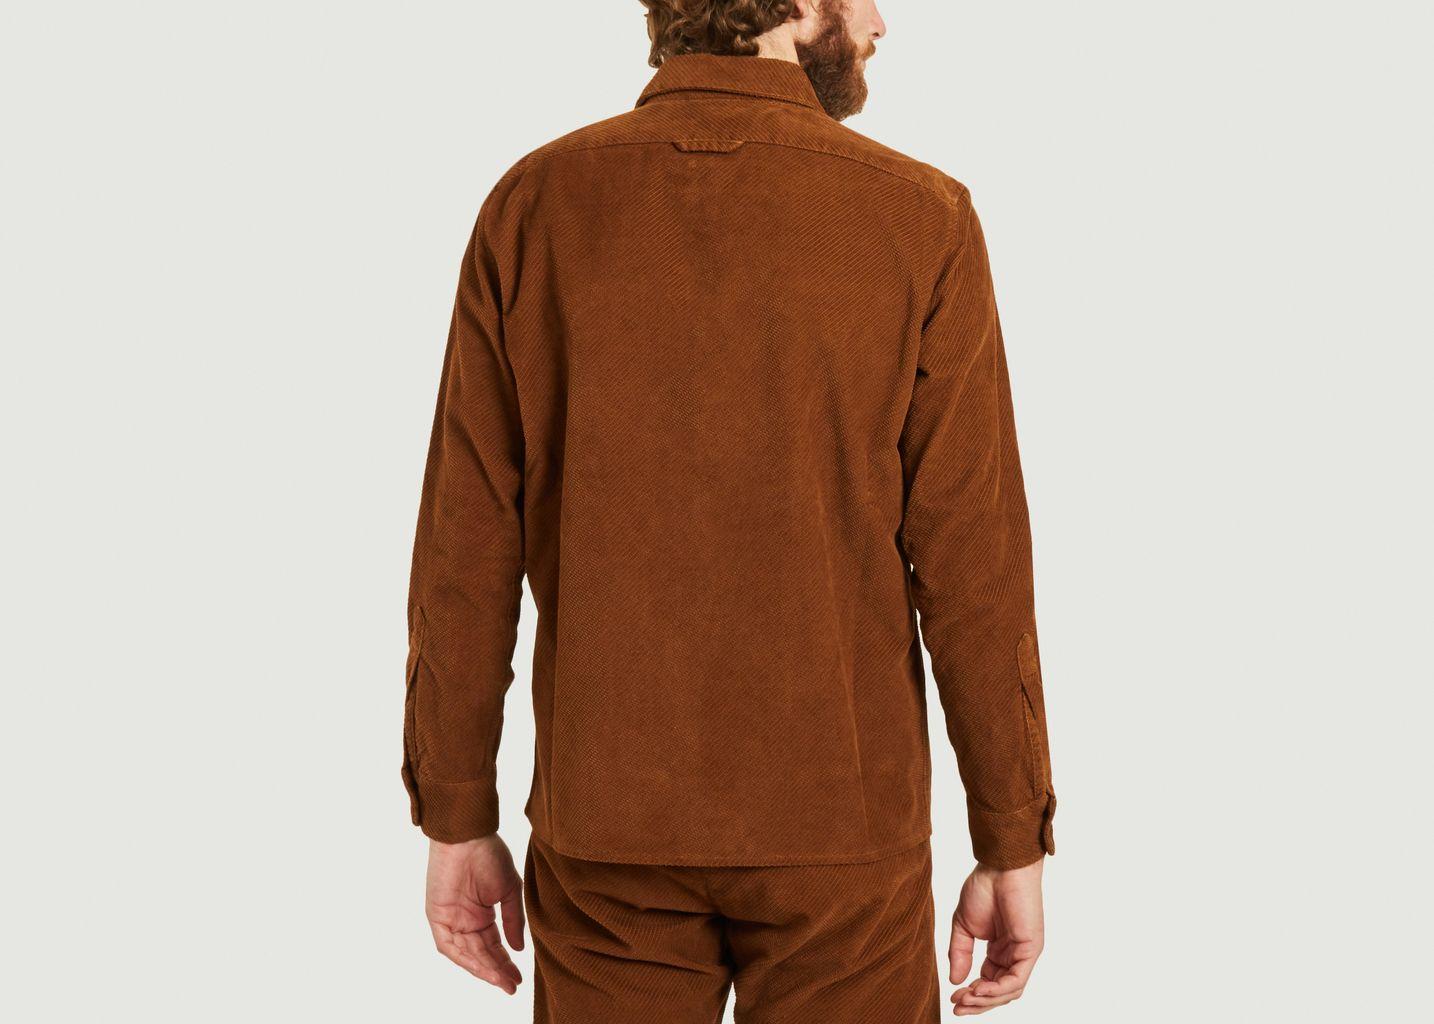 Chemise Cali en velours côtelé  - A.B.C.L. Garments